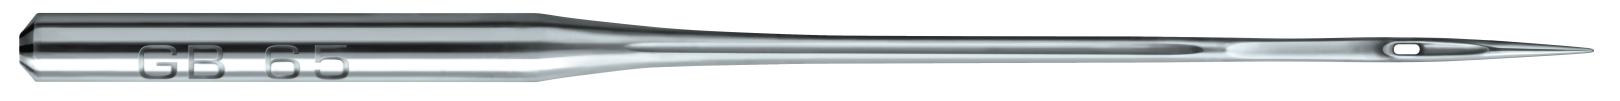 Швейная игла Groz-Beckert UY 128 GAS №125